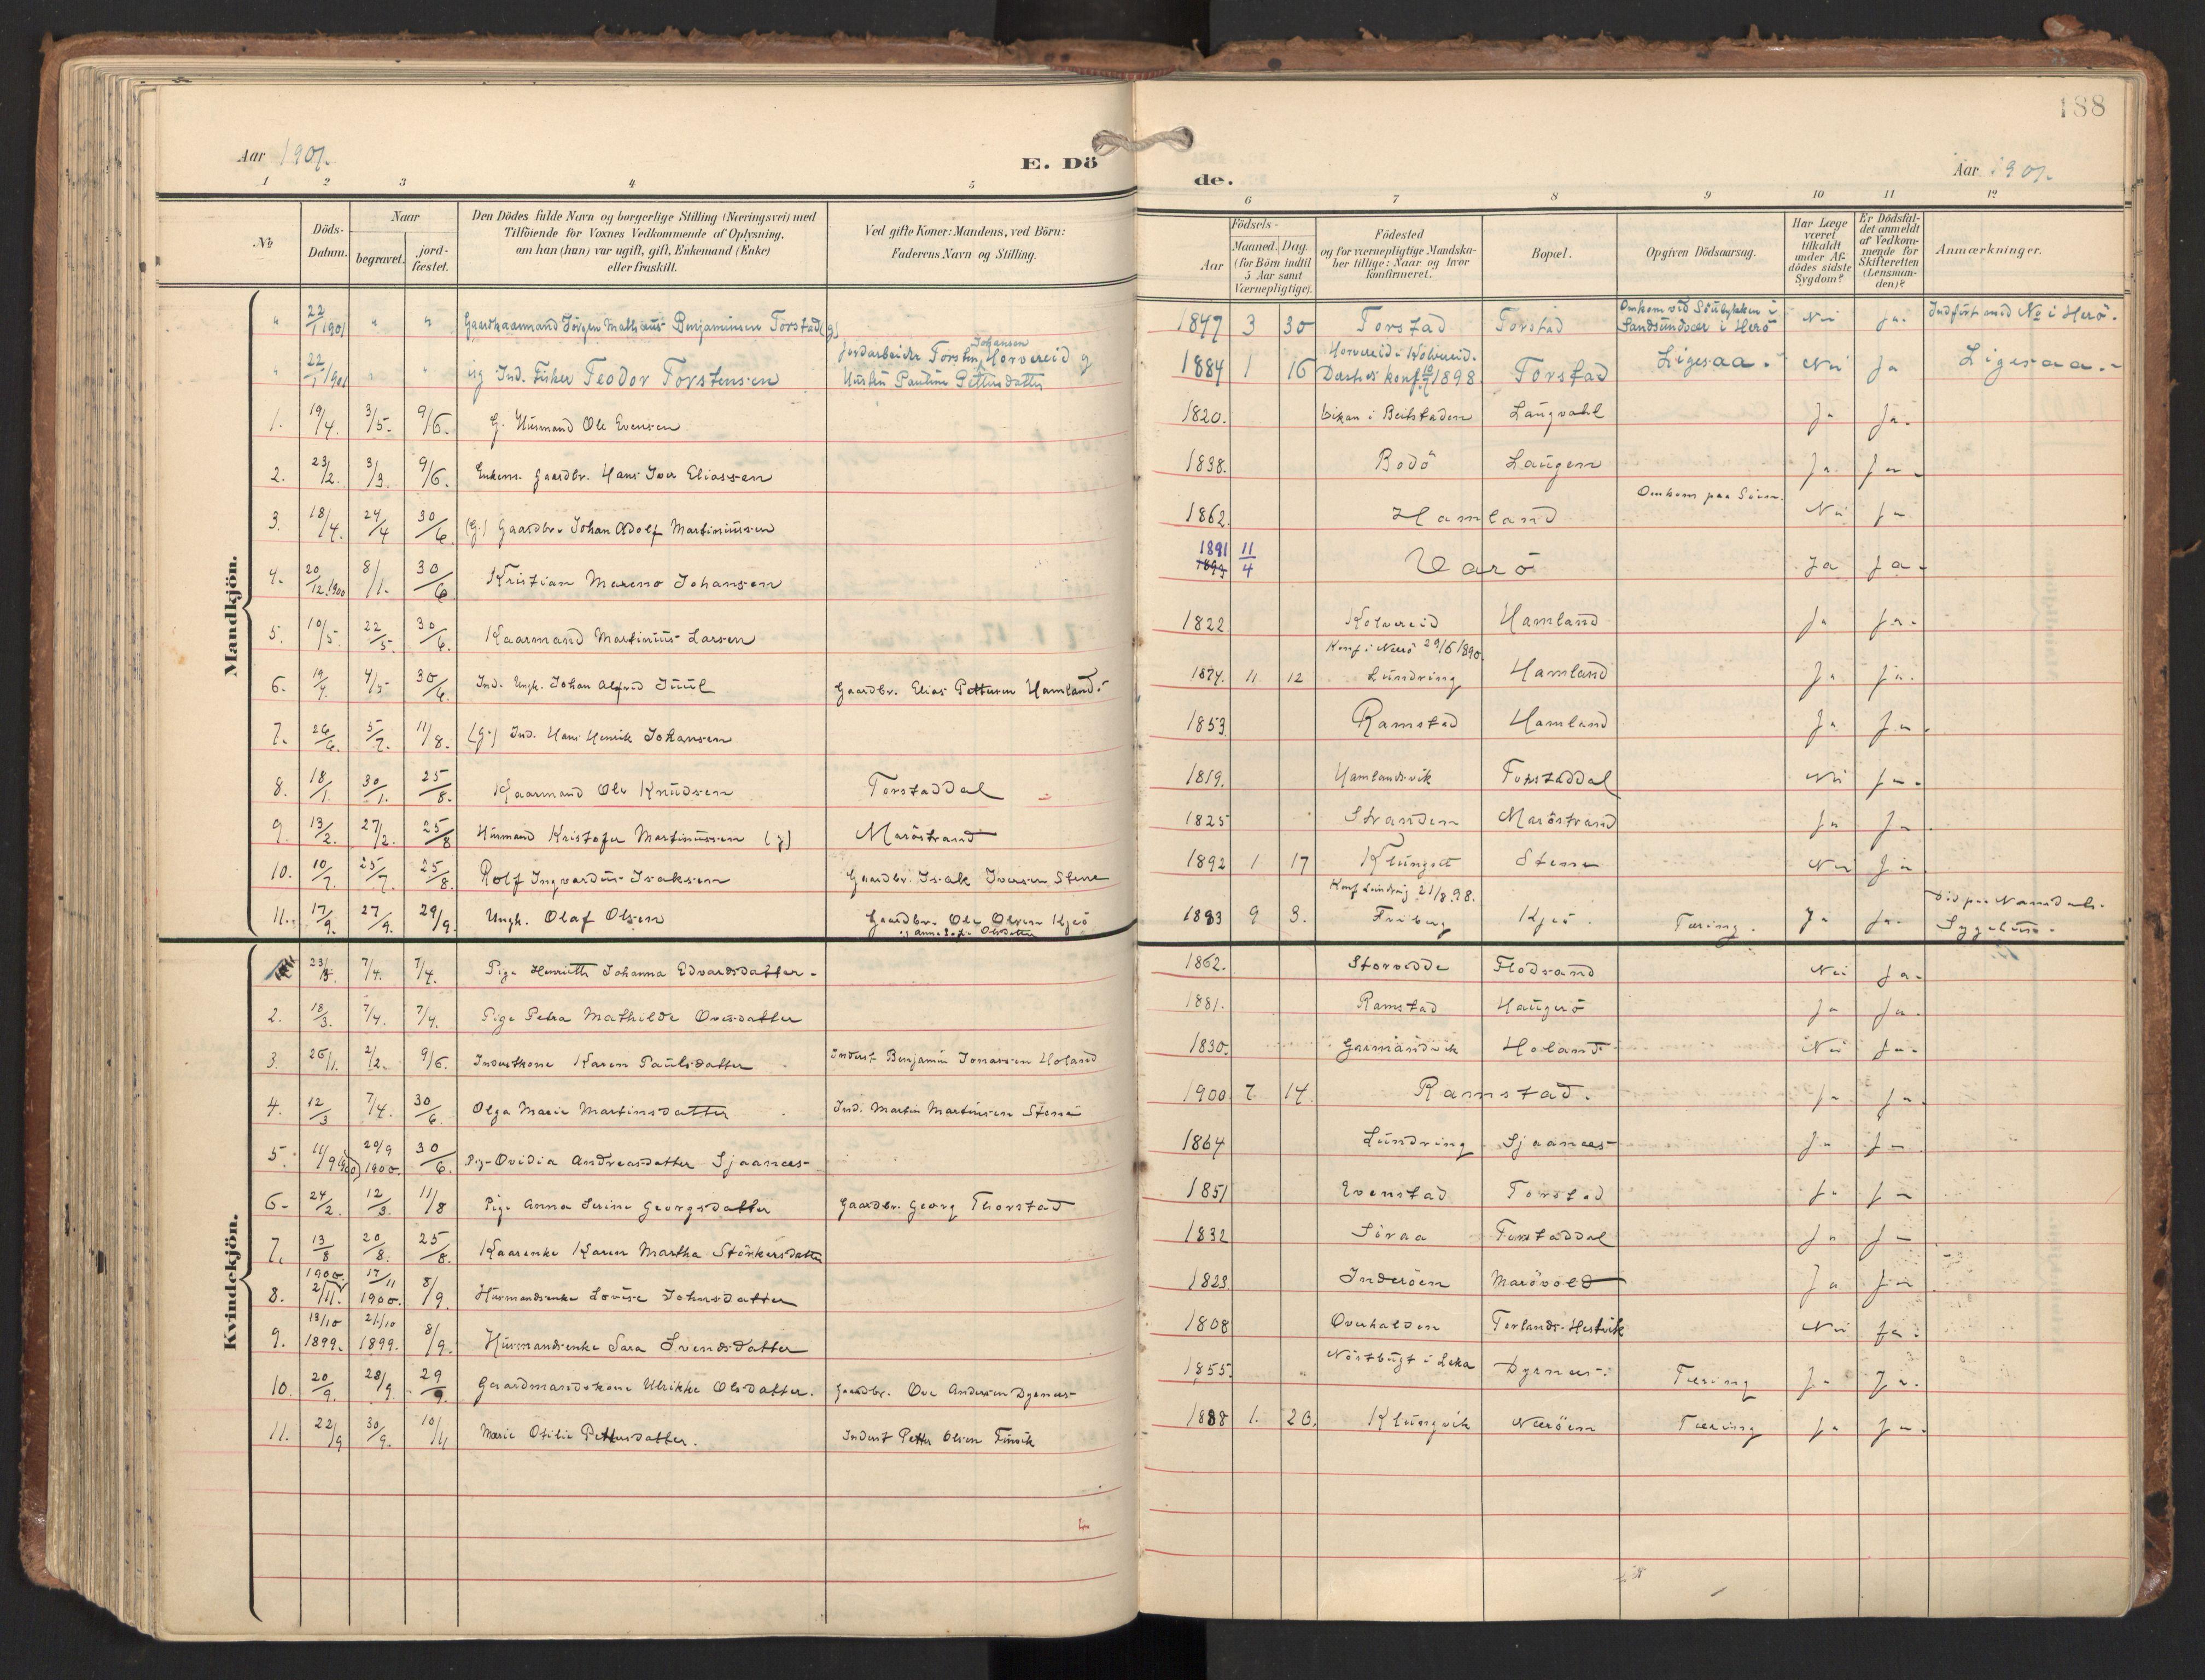 SAT, Ministerialprotokoller, klokkerbøker og fødselsregistre - Nord-Trøndelag, 784/L0677: Ministerialbok nr. 784A12, 1900-1920, s. 188